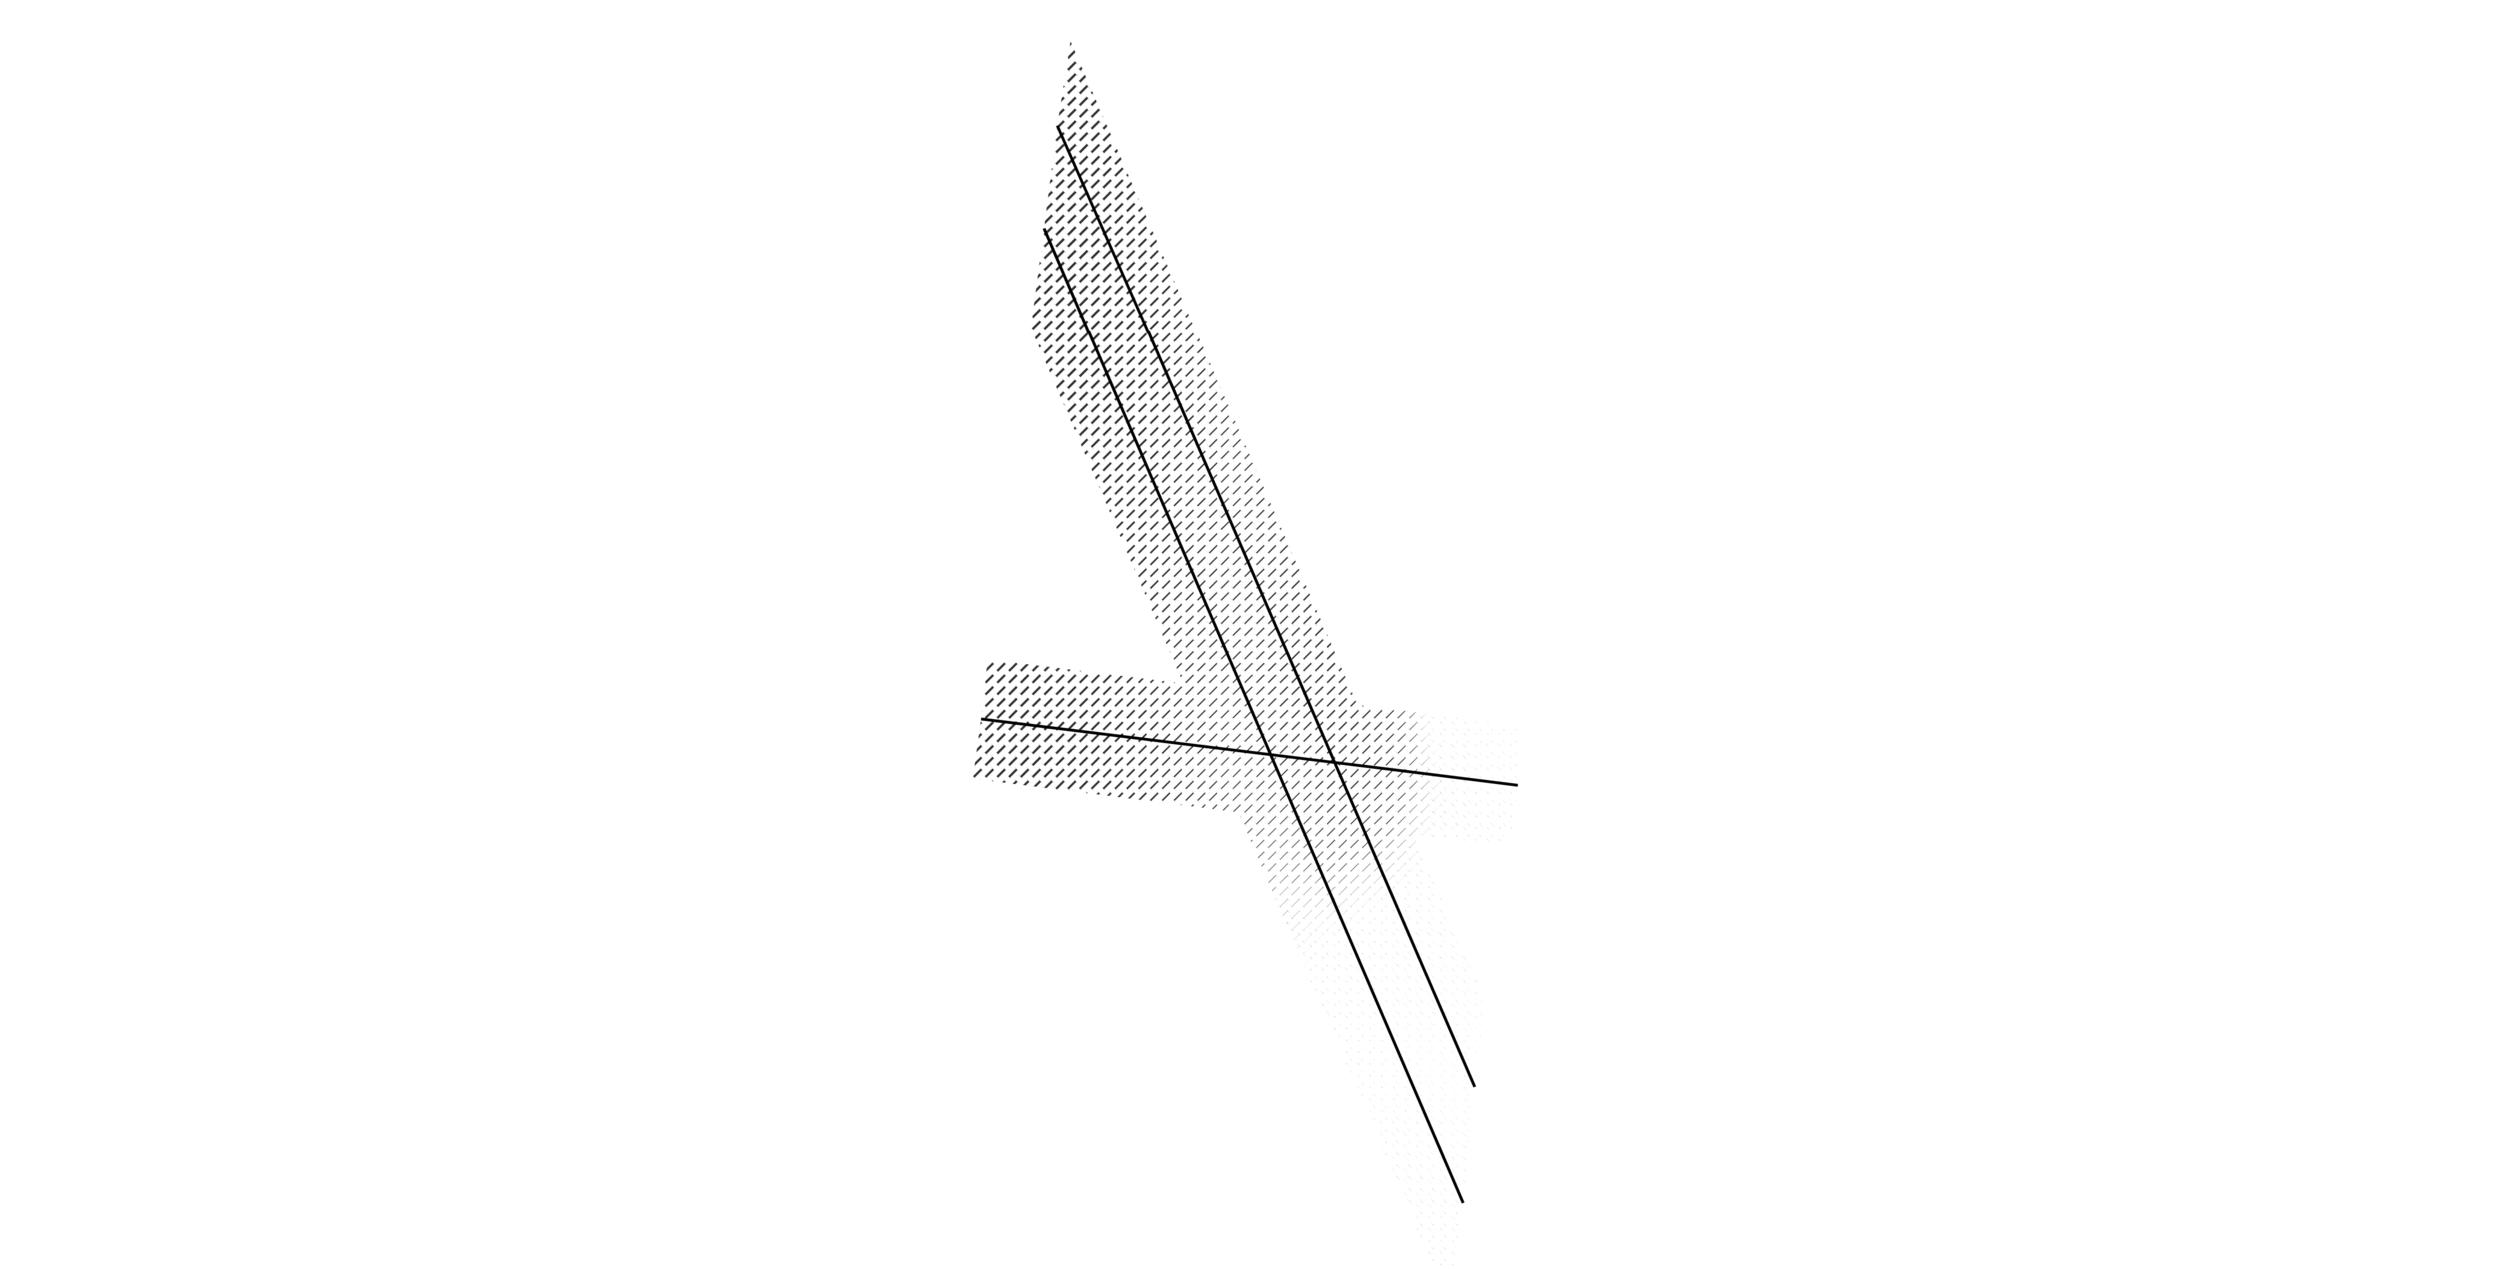 tangram-screenshot20.762500000000003-48.20987-16.38439-2077.png